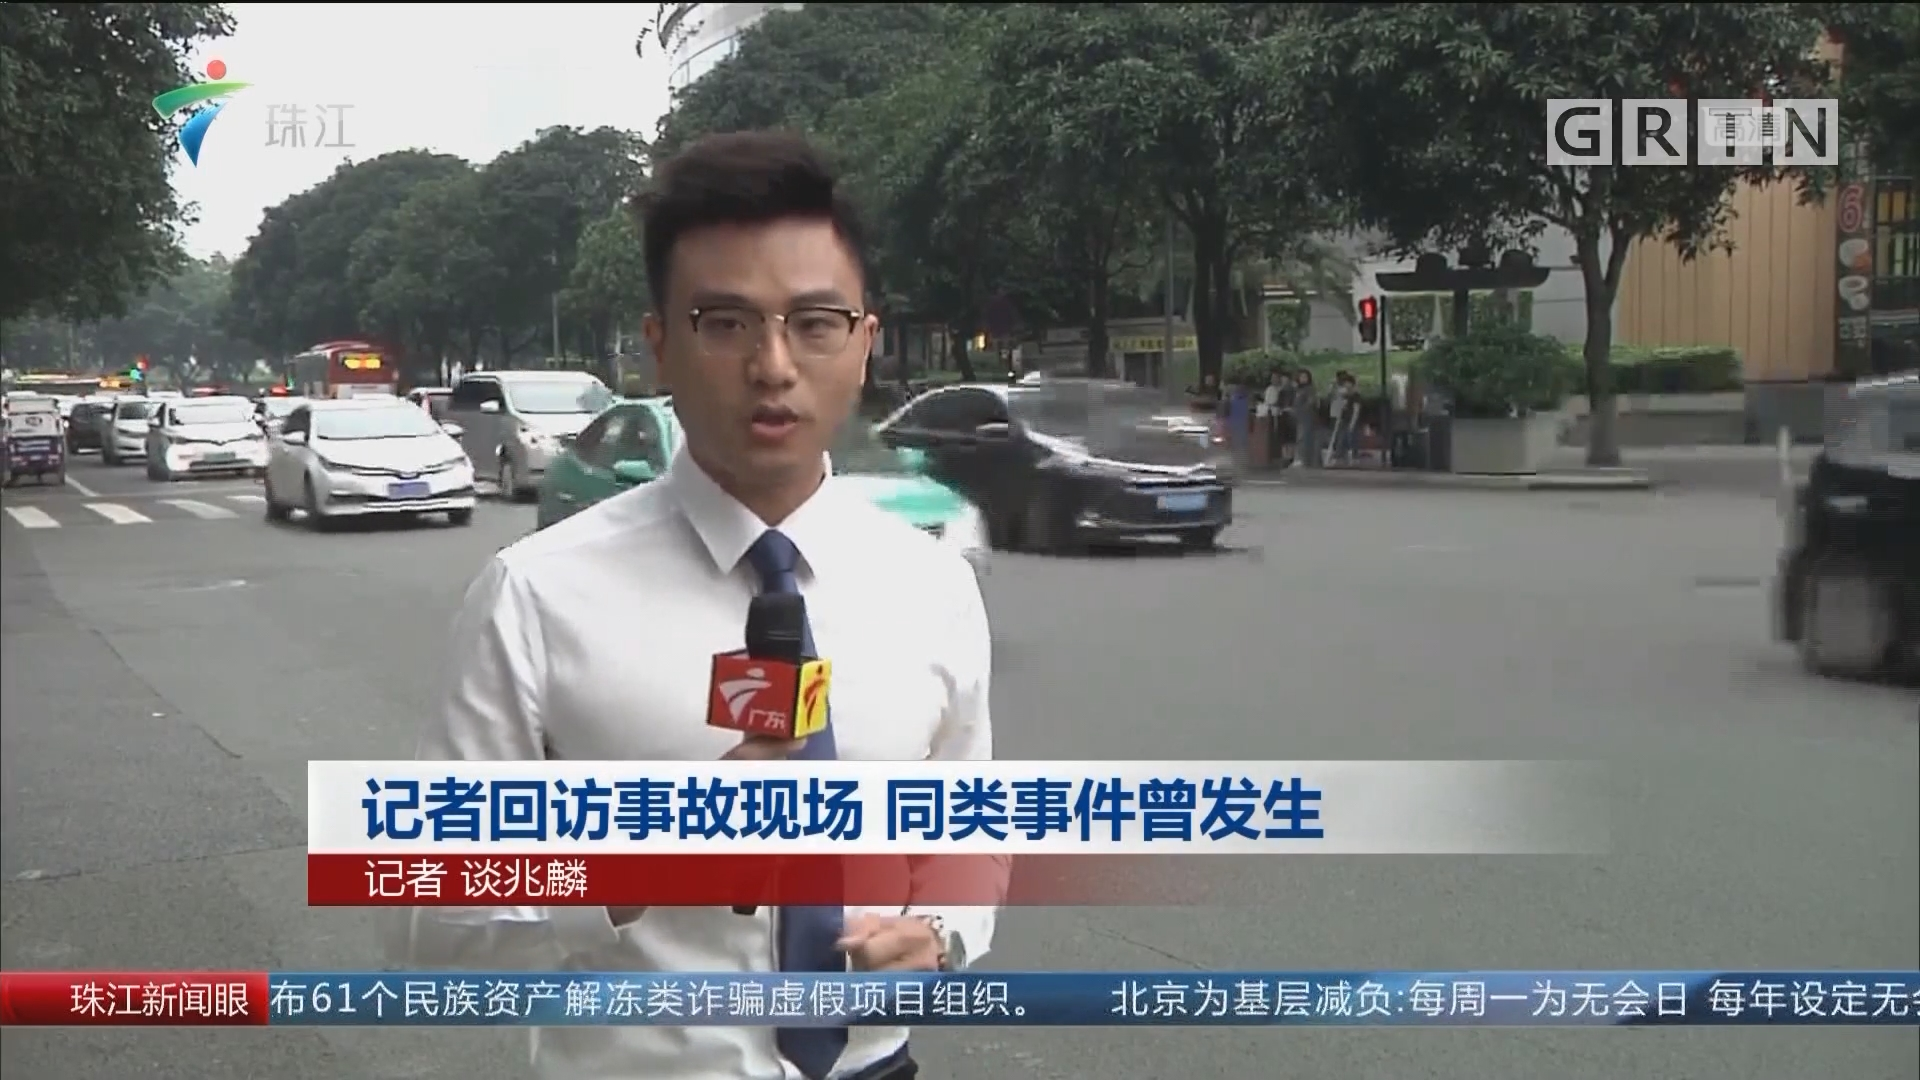 記者回訪事故現場 同類事件曾發生